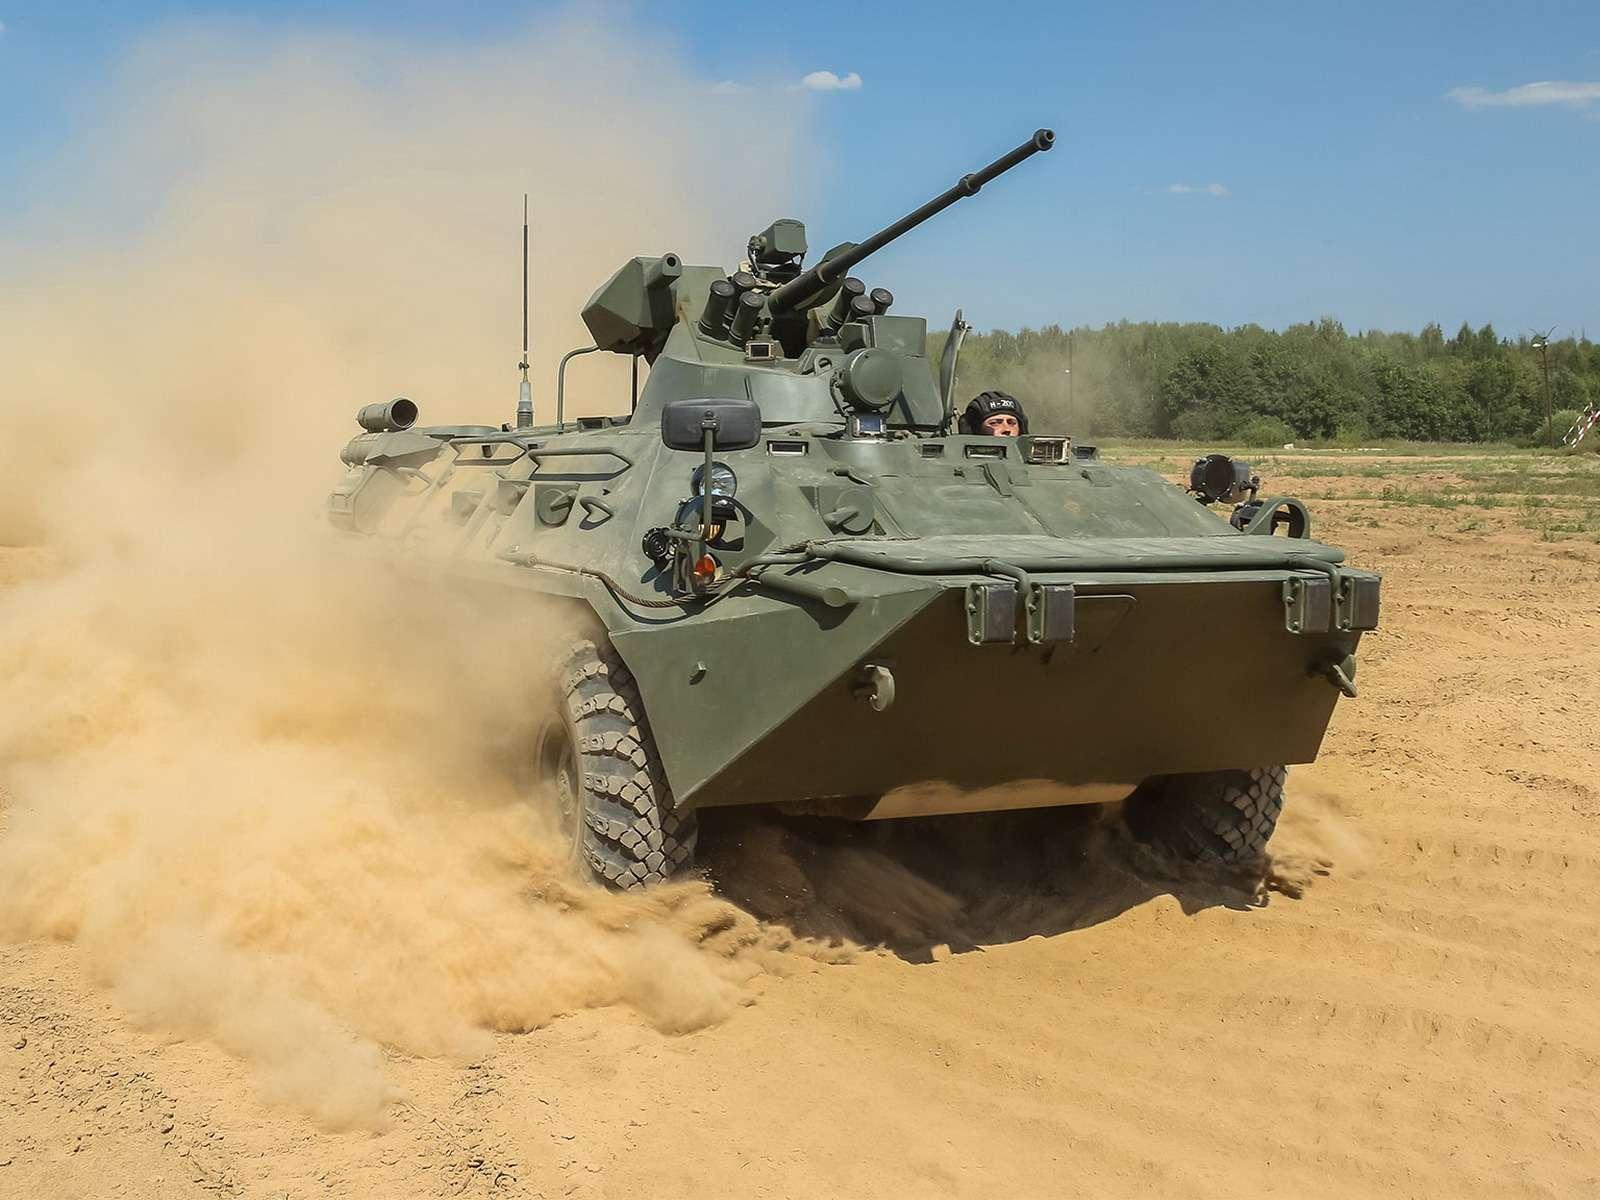 BTR_02_0018_YAKU0851_новый размер